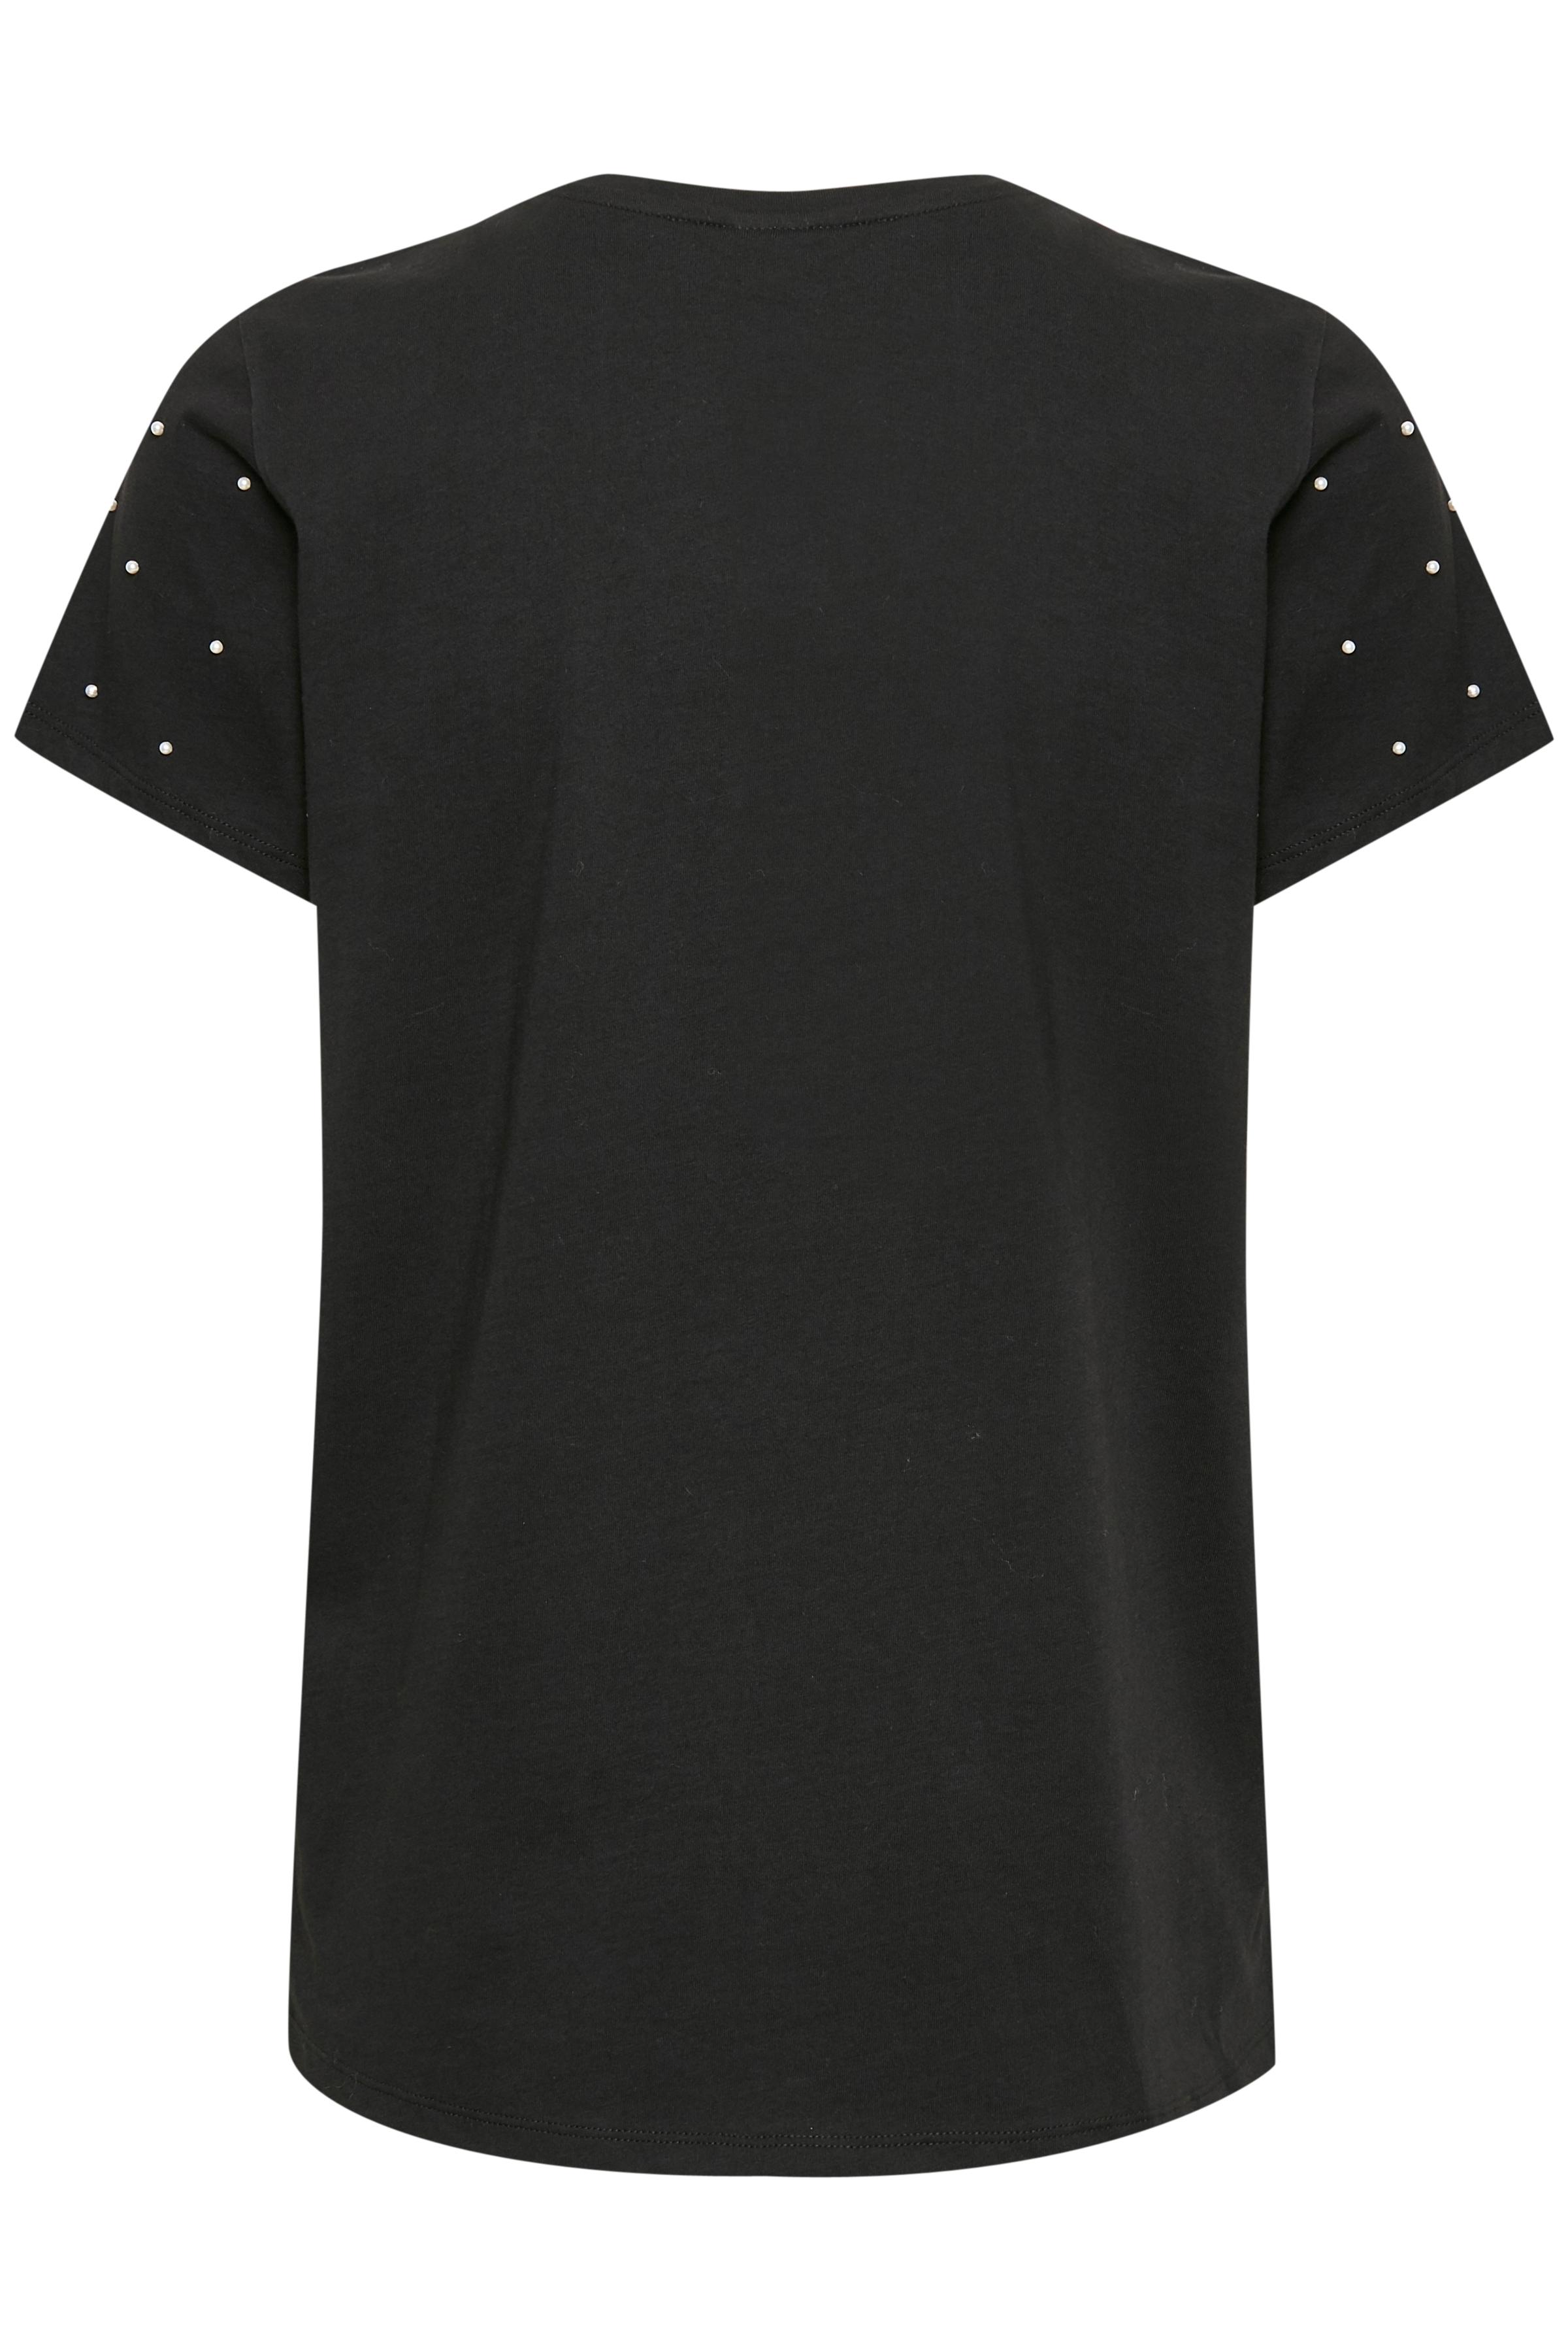 Sort Kortærmet T-shirt fra Fransa – Køb Sort Kortærmet T-shirt fra str. XS-XXL her